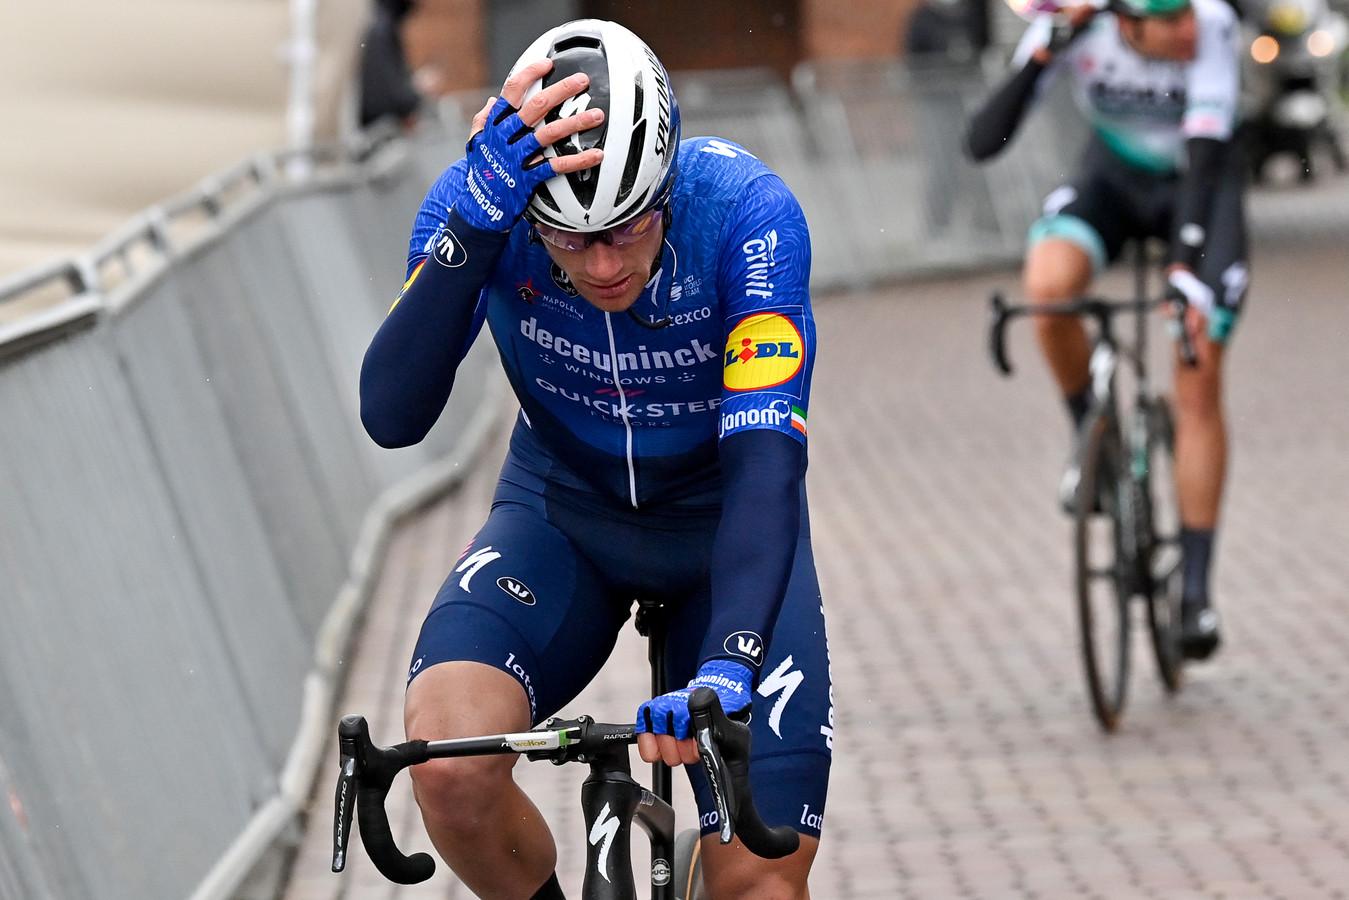 Een ontgoochelde Sam Bennett of Deceuninck na de Scheldeprijs. BELGA PHOTO DIRK WAEM